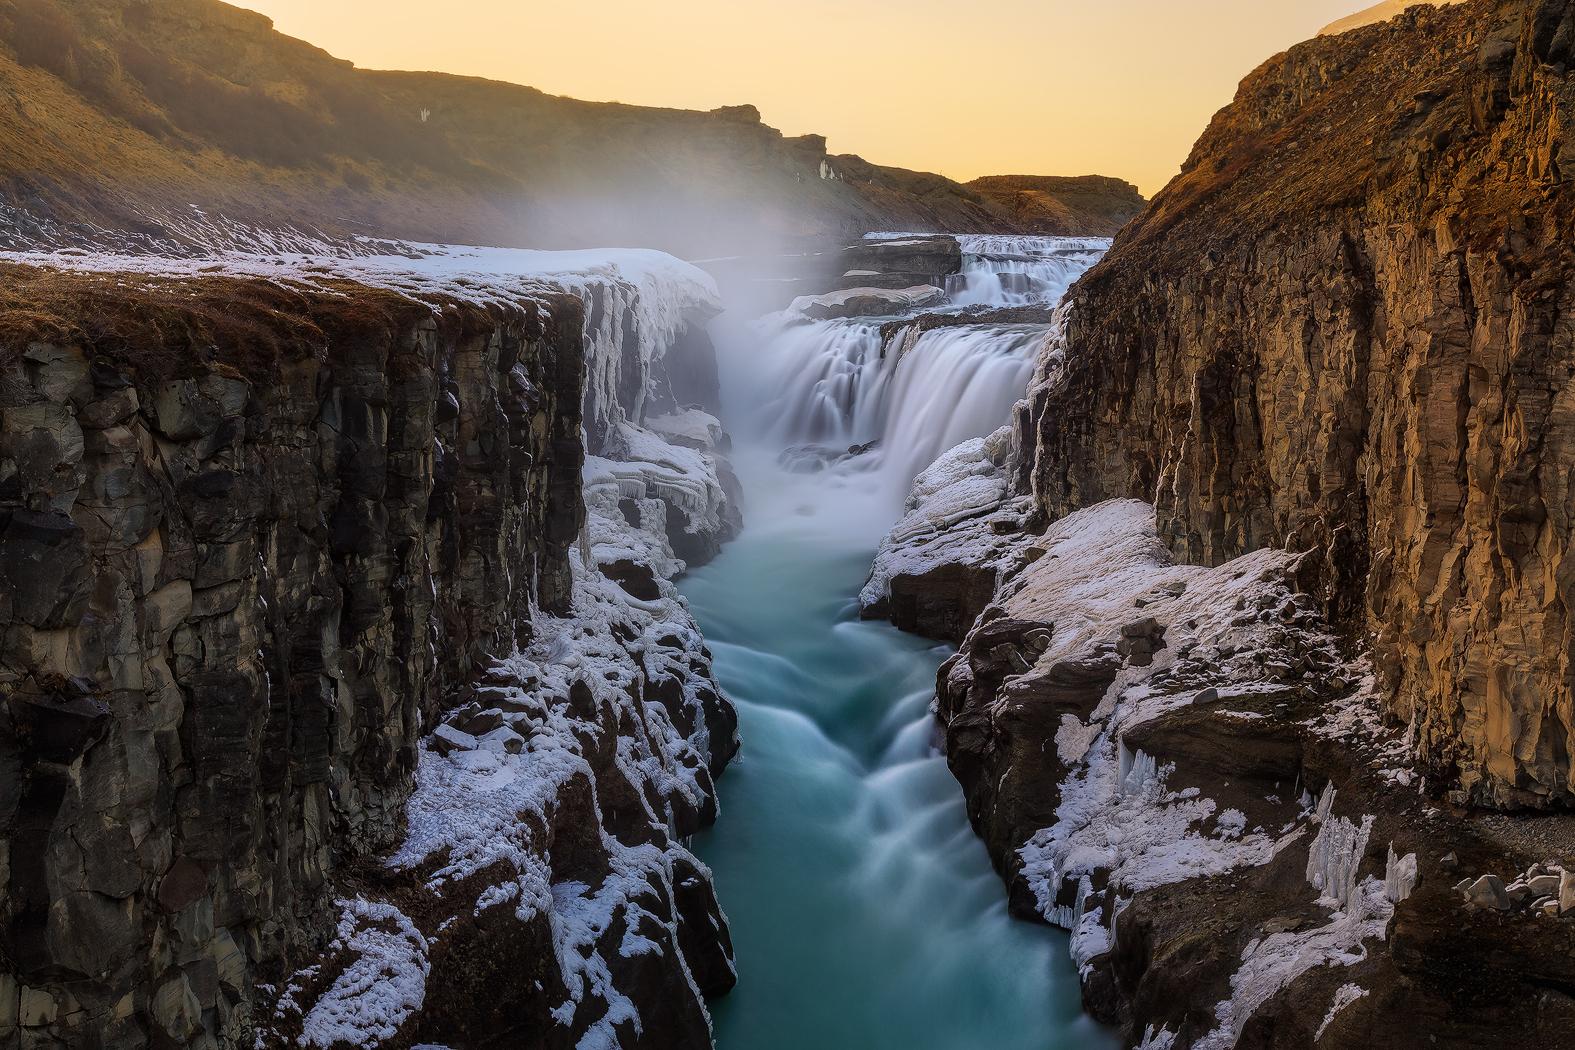 La cascata Gullfoss si getta nel canyon sottostante.